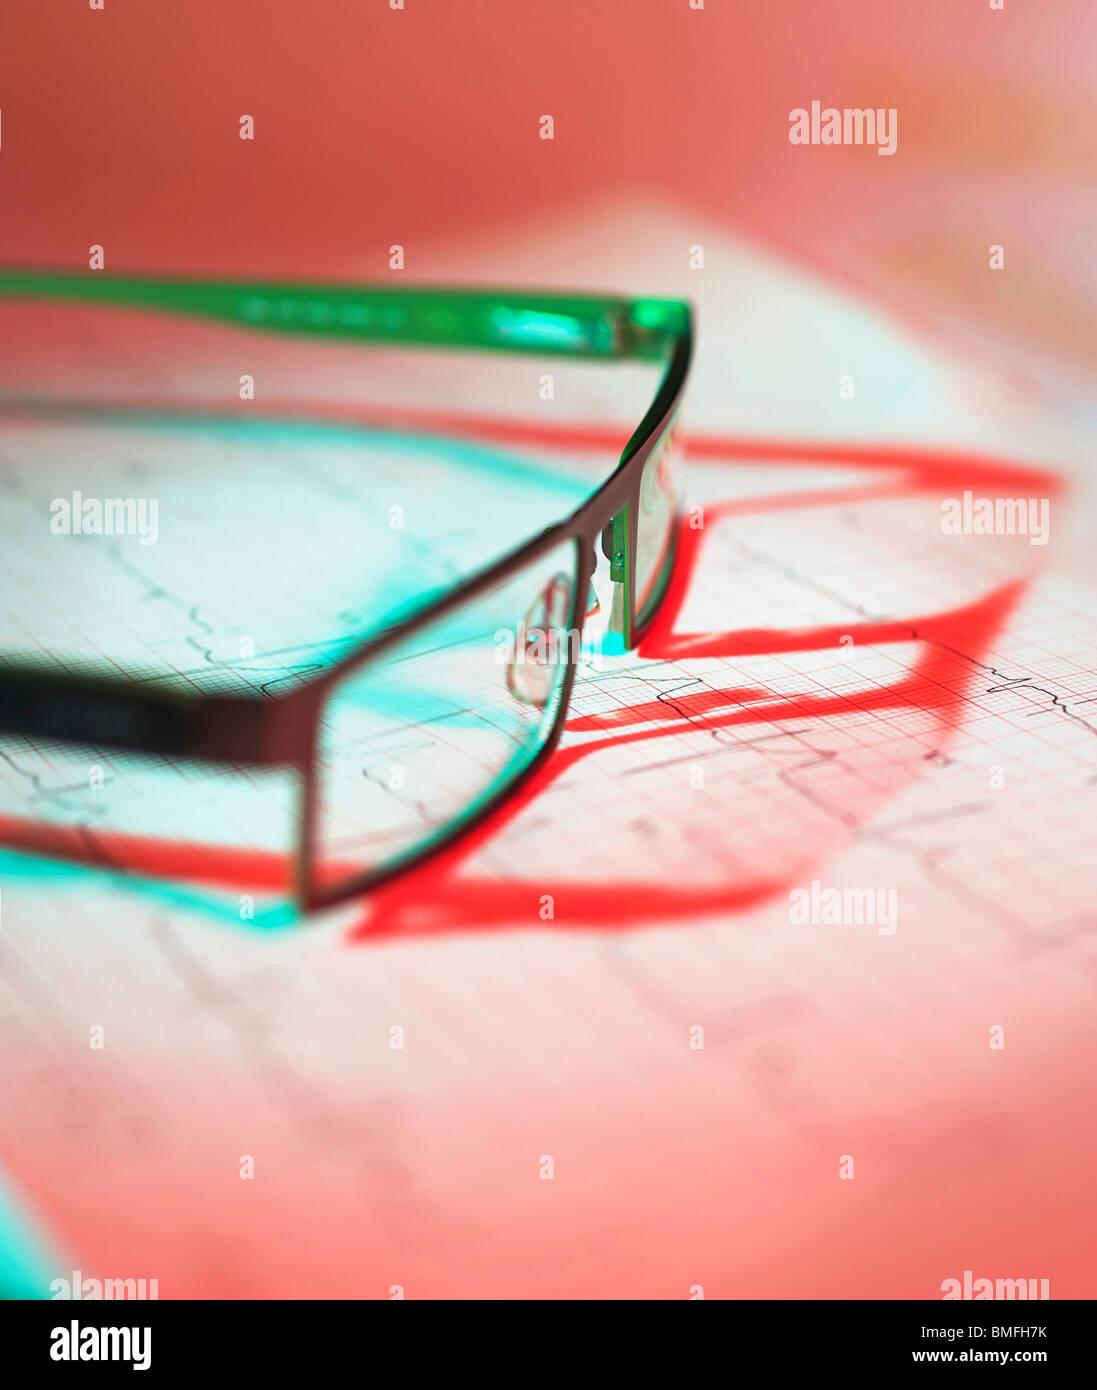 Brille auf ECG Ergebnisse wirft einen Schatten mit dezenten blauen und roten Beleuchtung liegen Stockbild